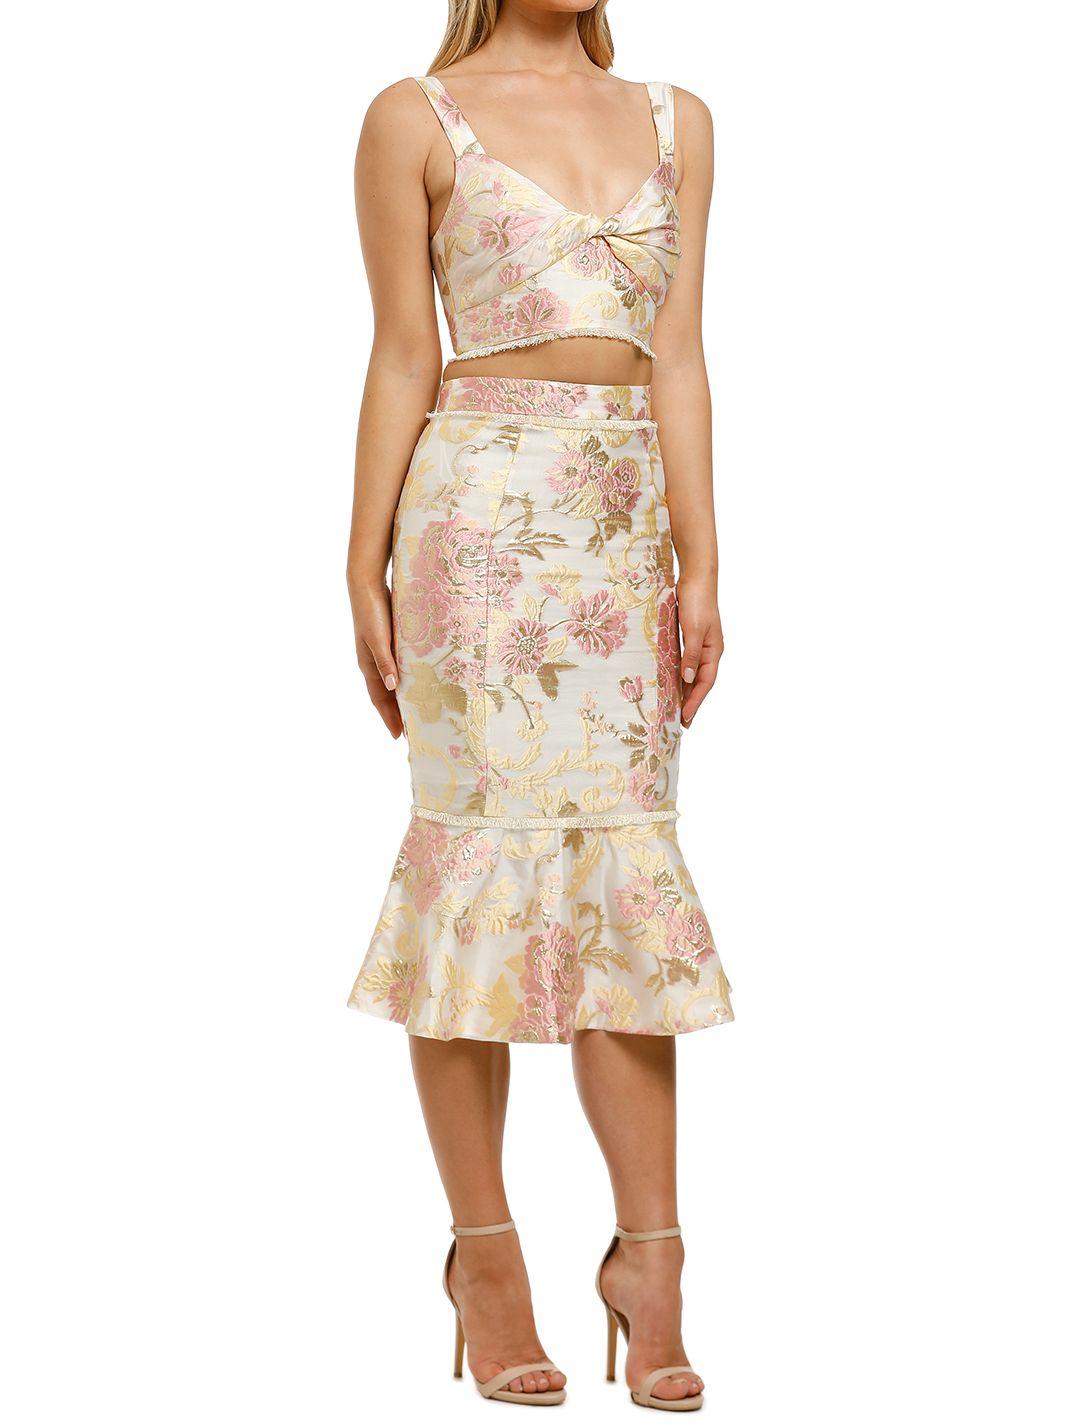 We-Are-Kindred-Delphi-Bralet-and-Skirt-Set-Marigold-Side